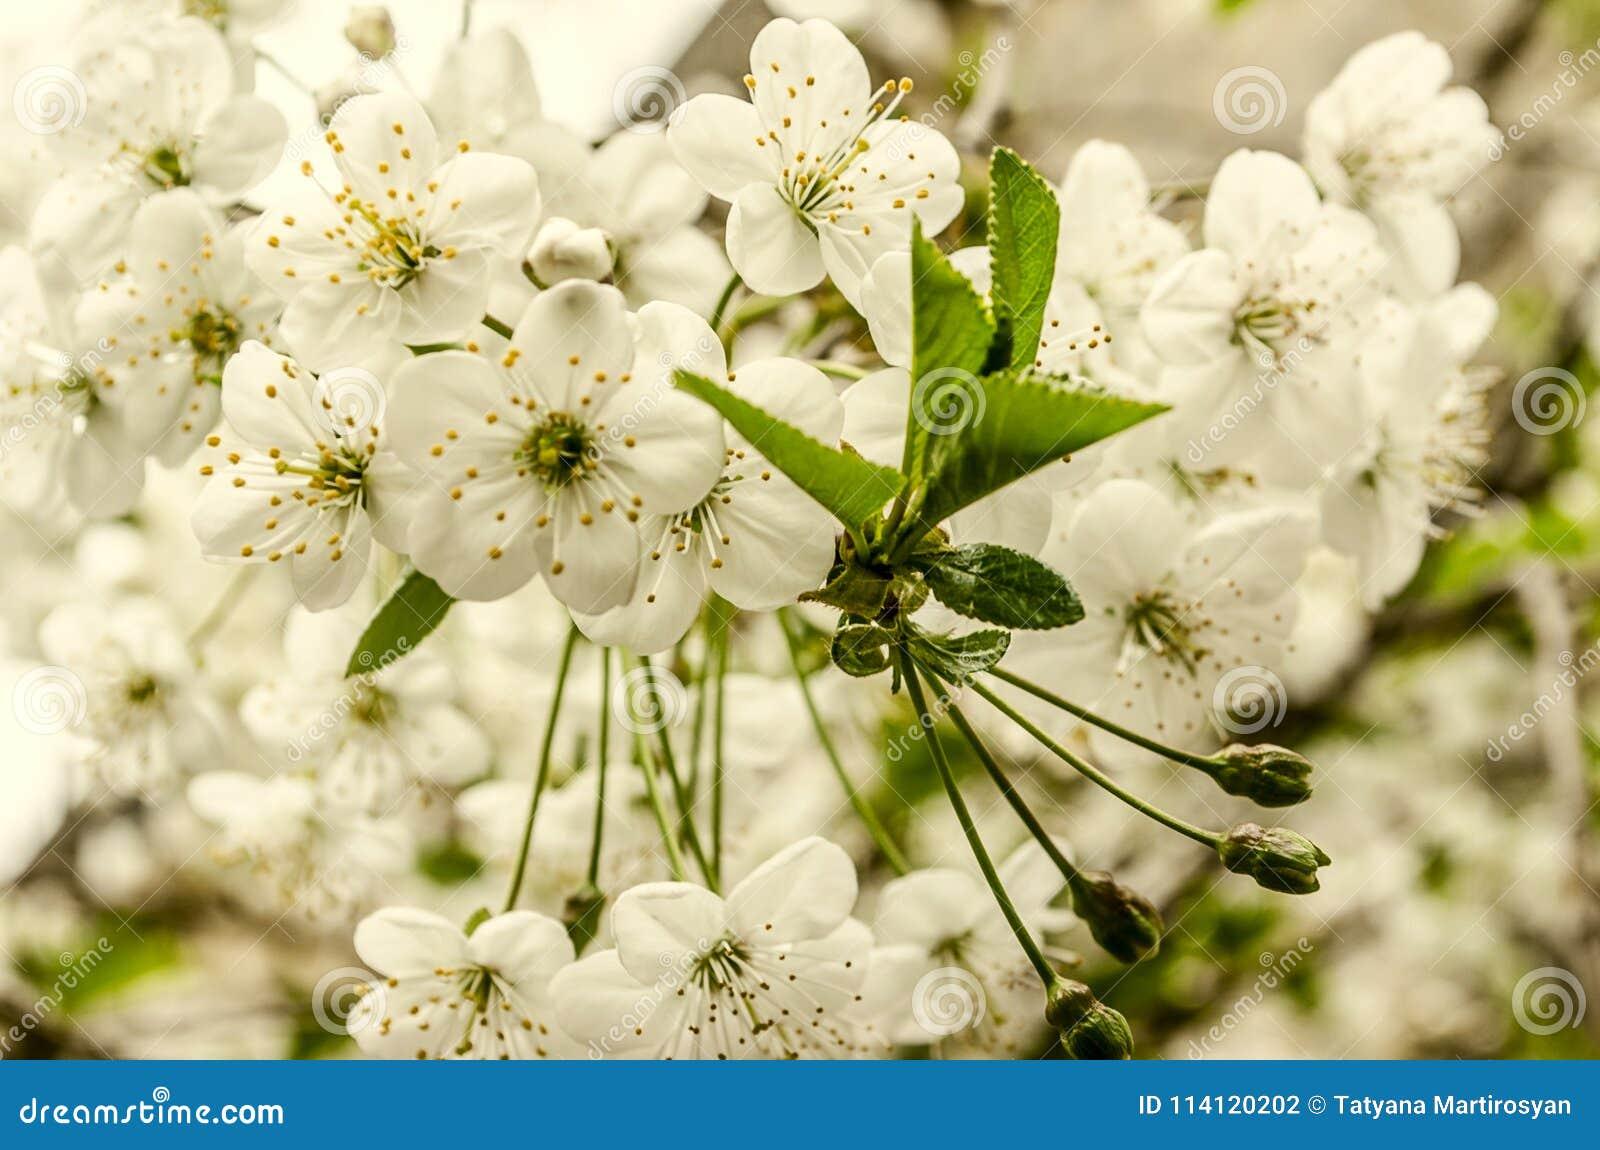 Fiori bianchi e foglie verdi unrevealed il ciliegio